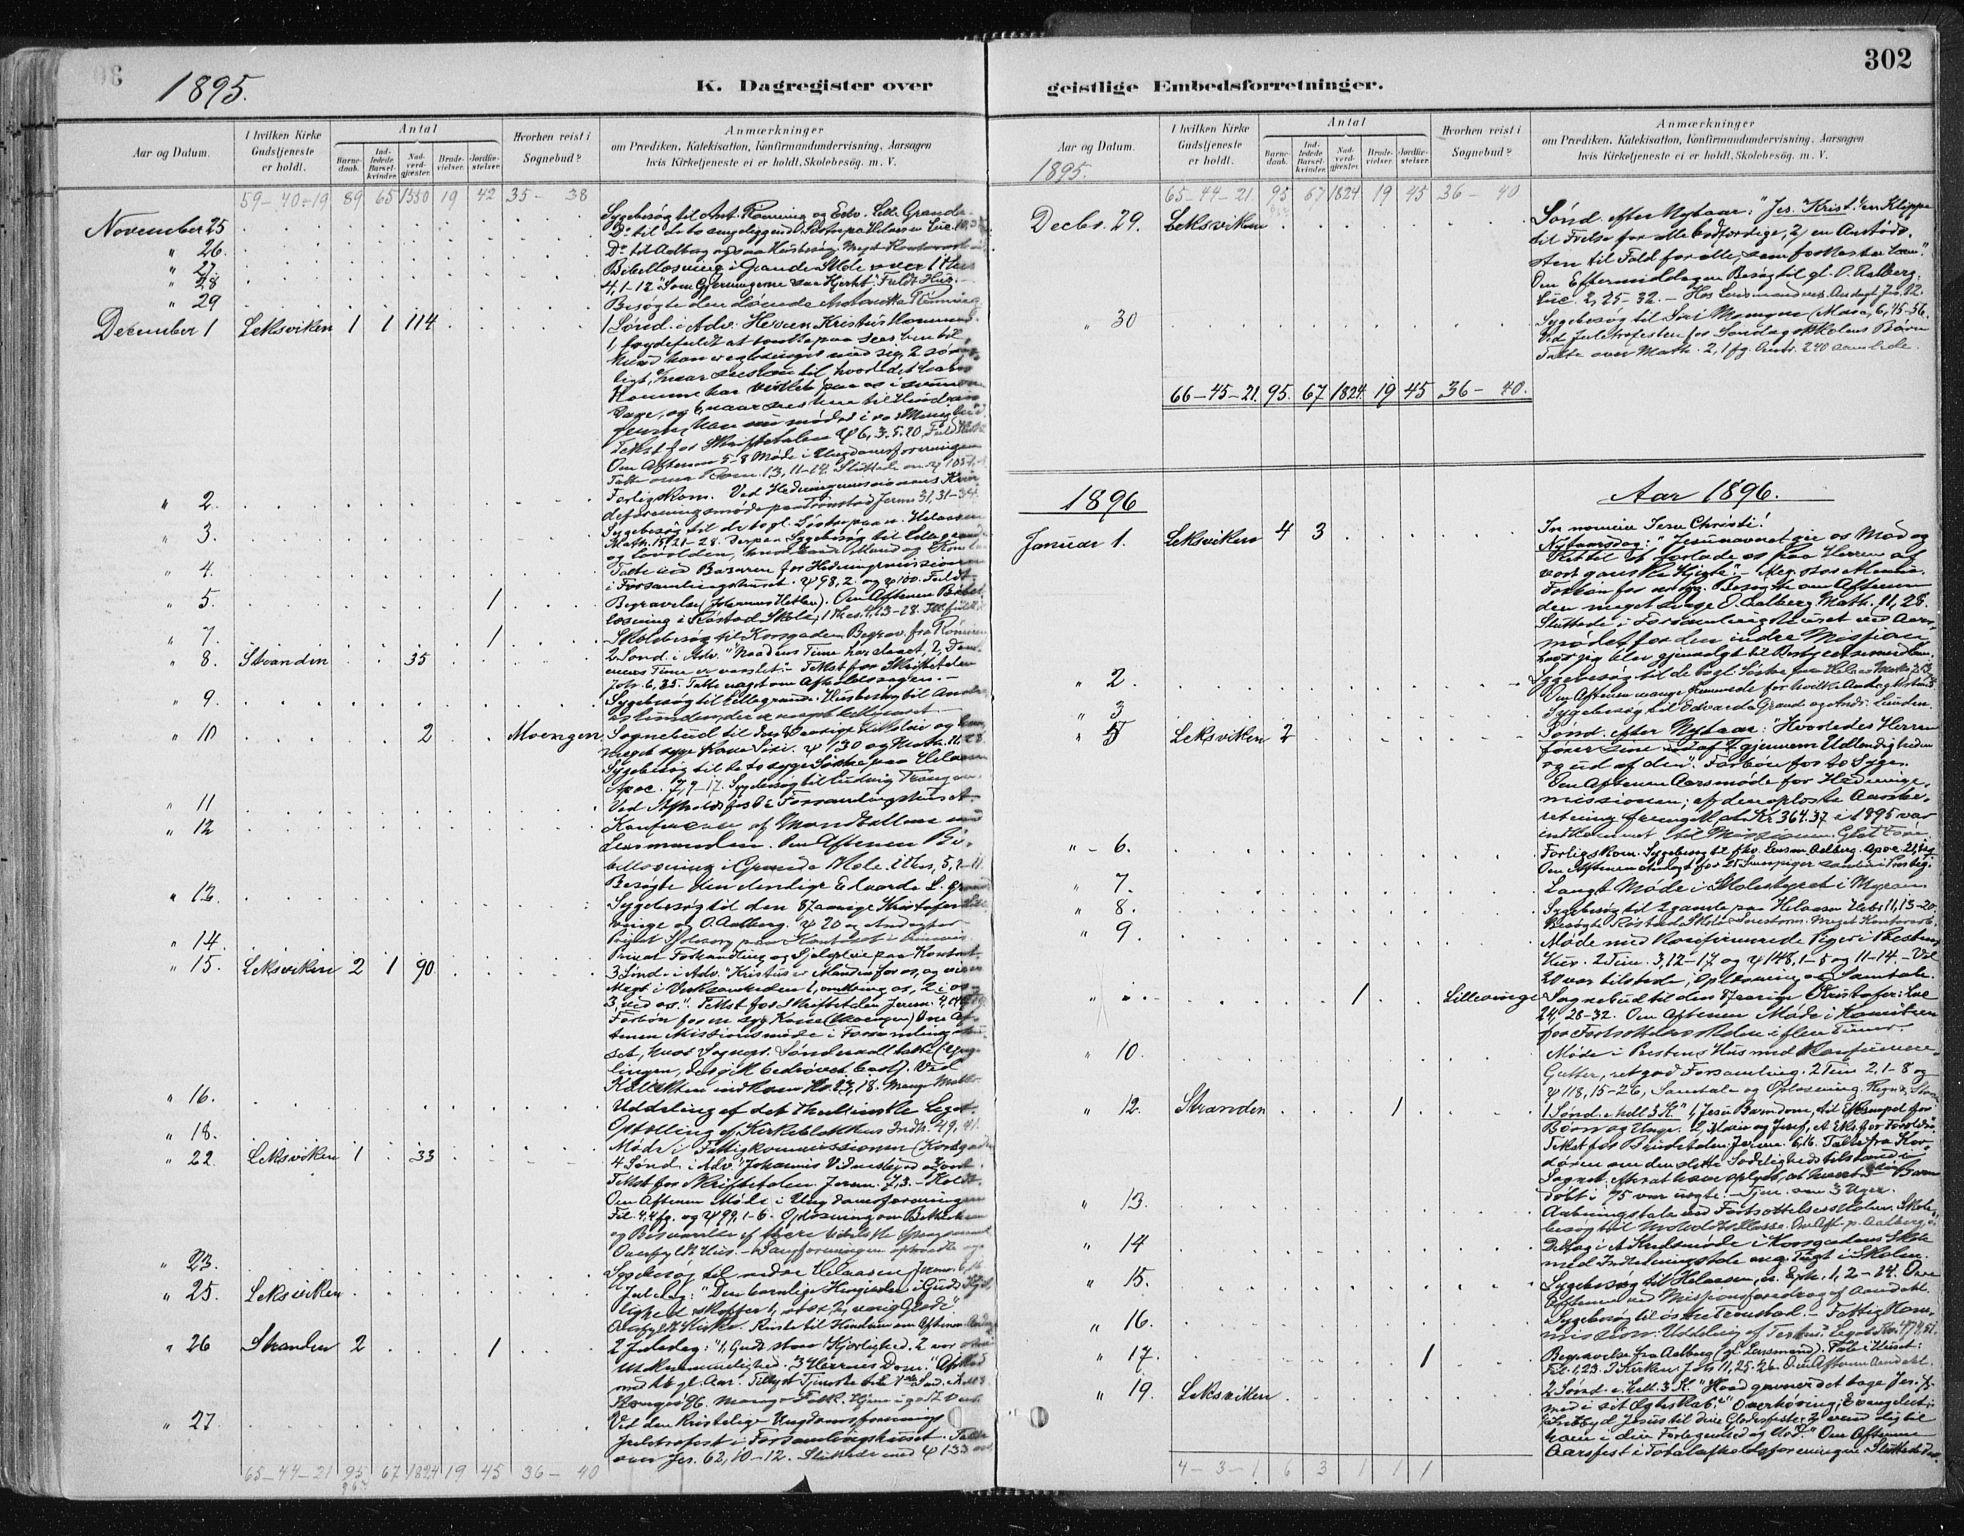 SAT, Ministerialprotokoller, klokkerbøker og fødselsregistre - Nord-Trøndelag, 701/L0010: Ministerialbok nr. 701A10, 1883-1899, s. 302